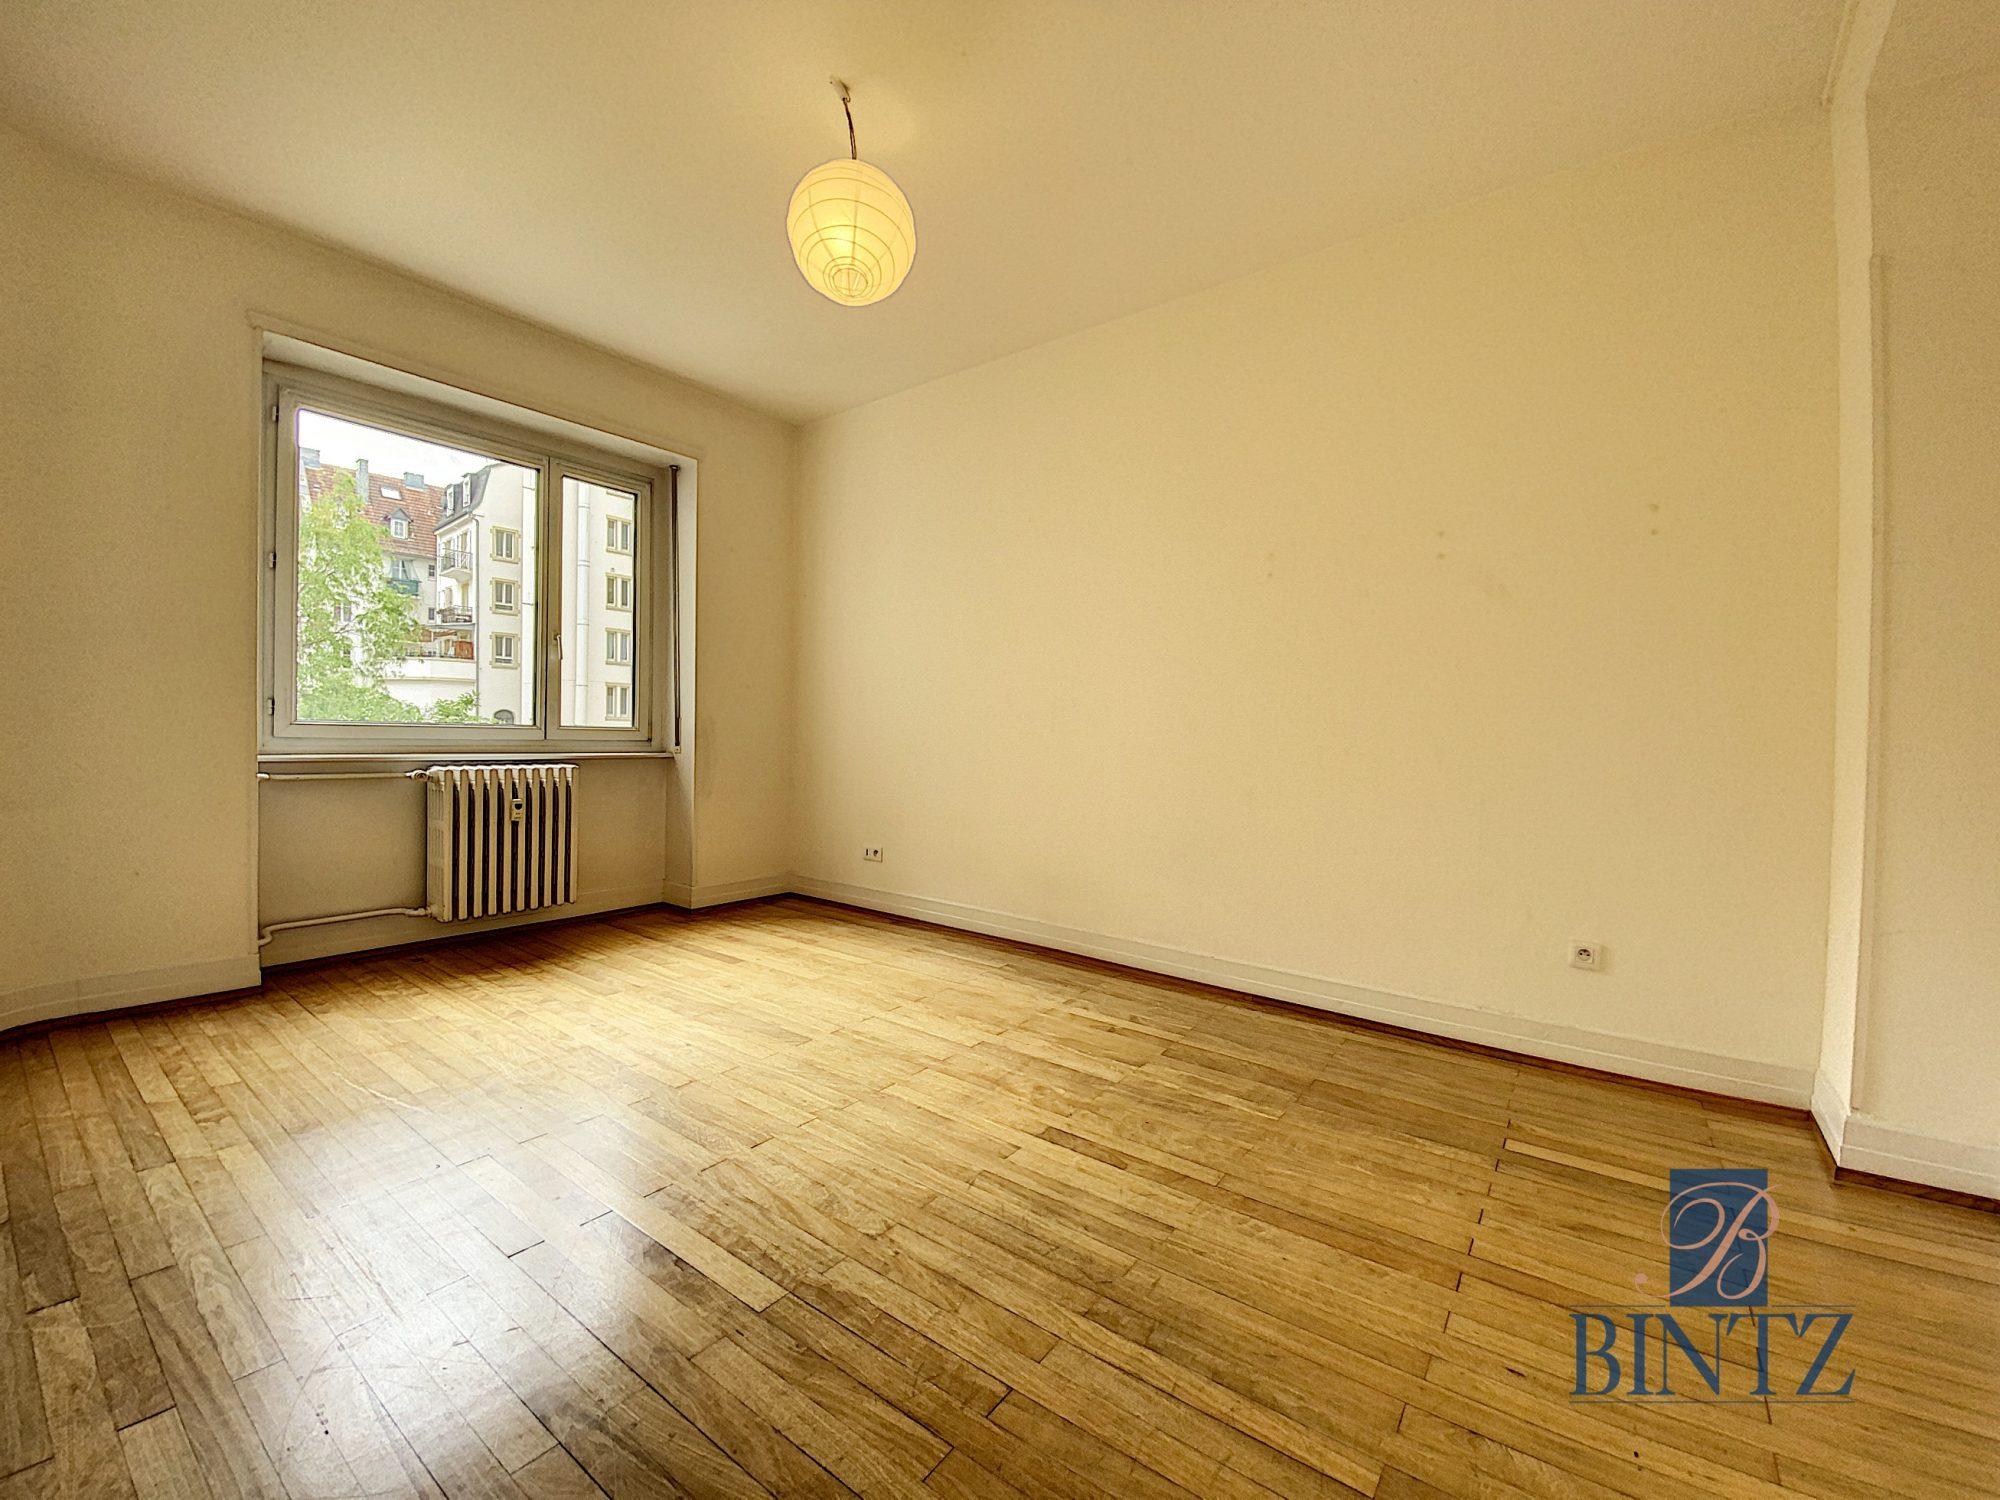 GRAND 2 PIÈCES KRUTENAU - Devenez locataire en toute sérénité - Bintz Immobilier - 4